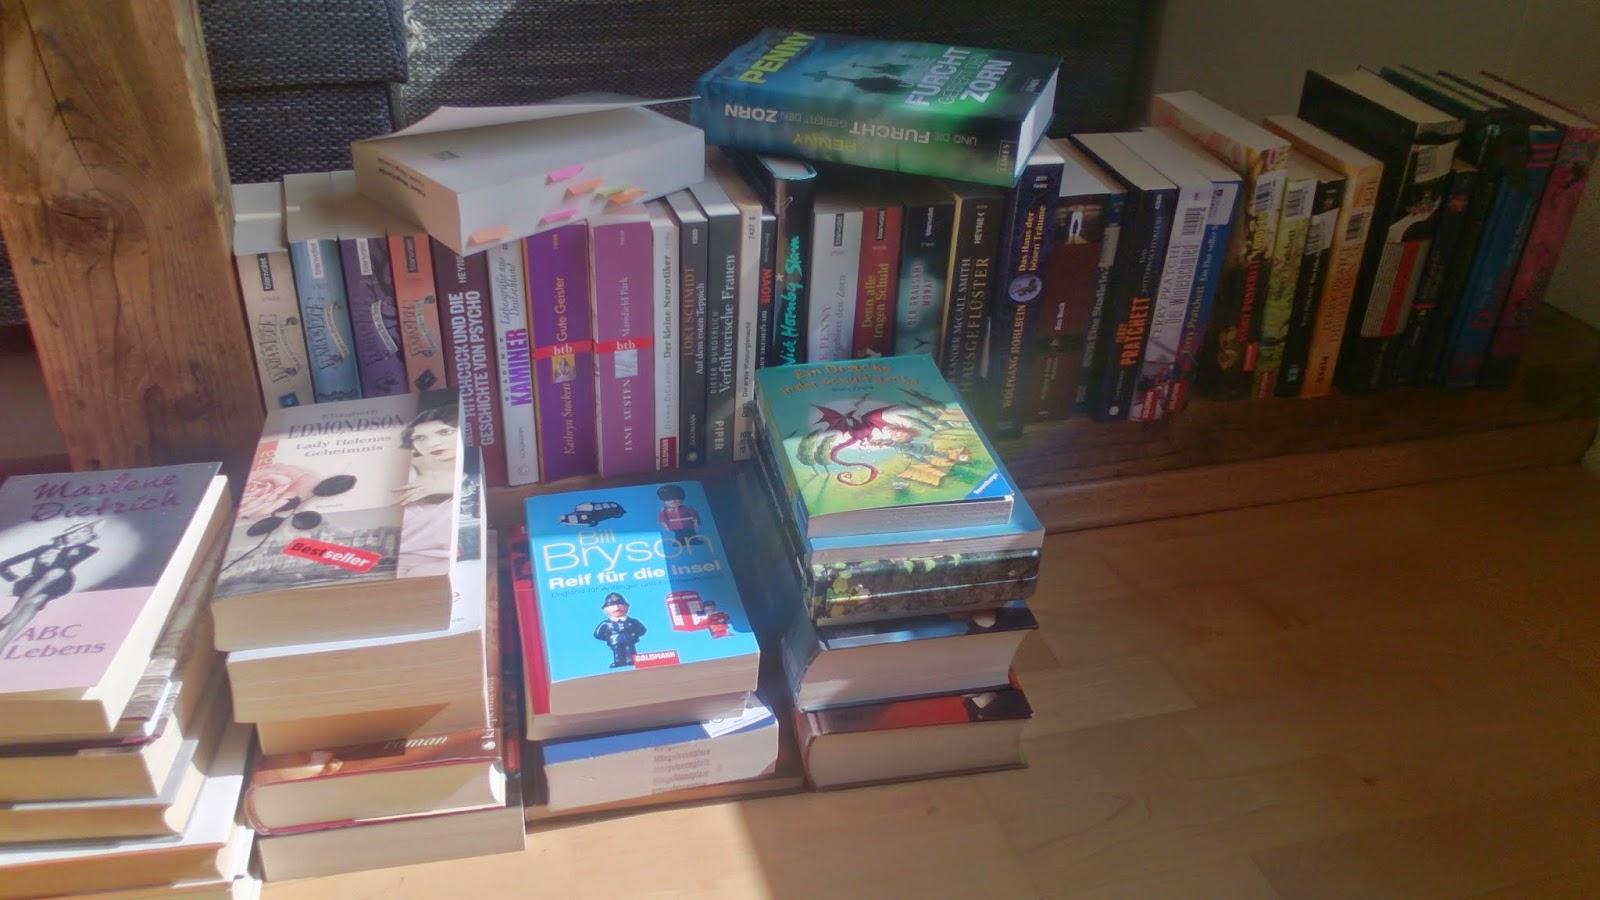 SuB, TBR, Neuzugänge, Kaufrausch, Bücher